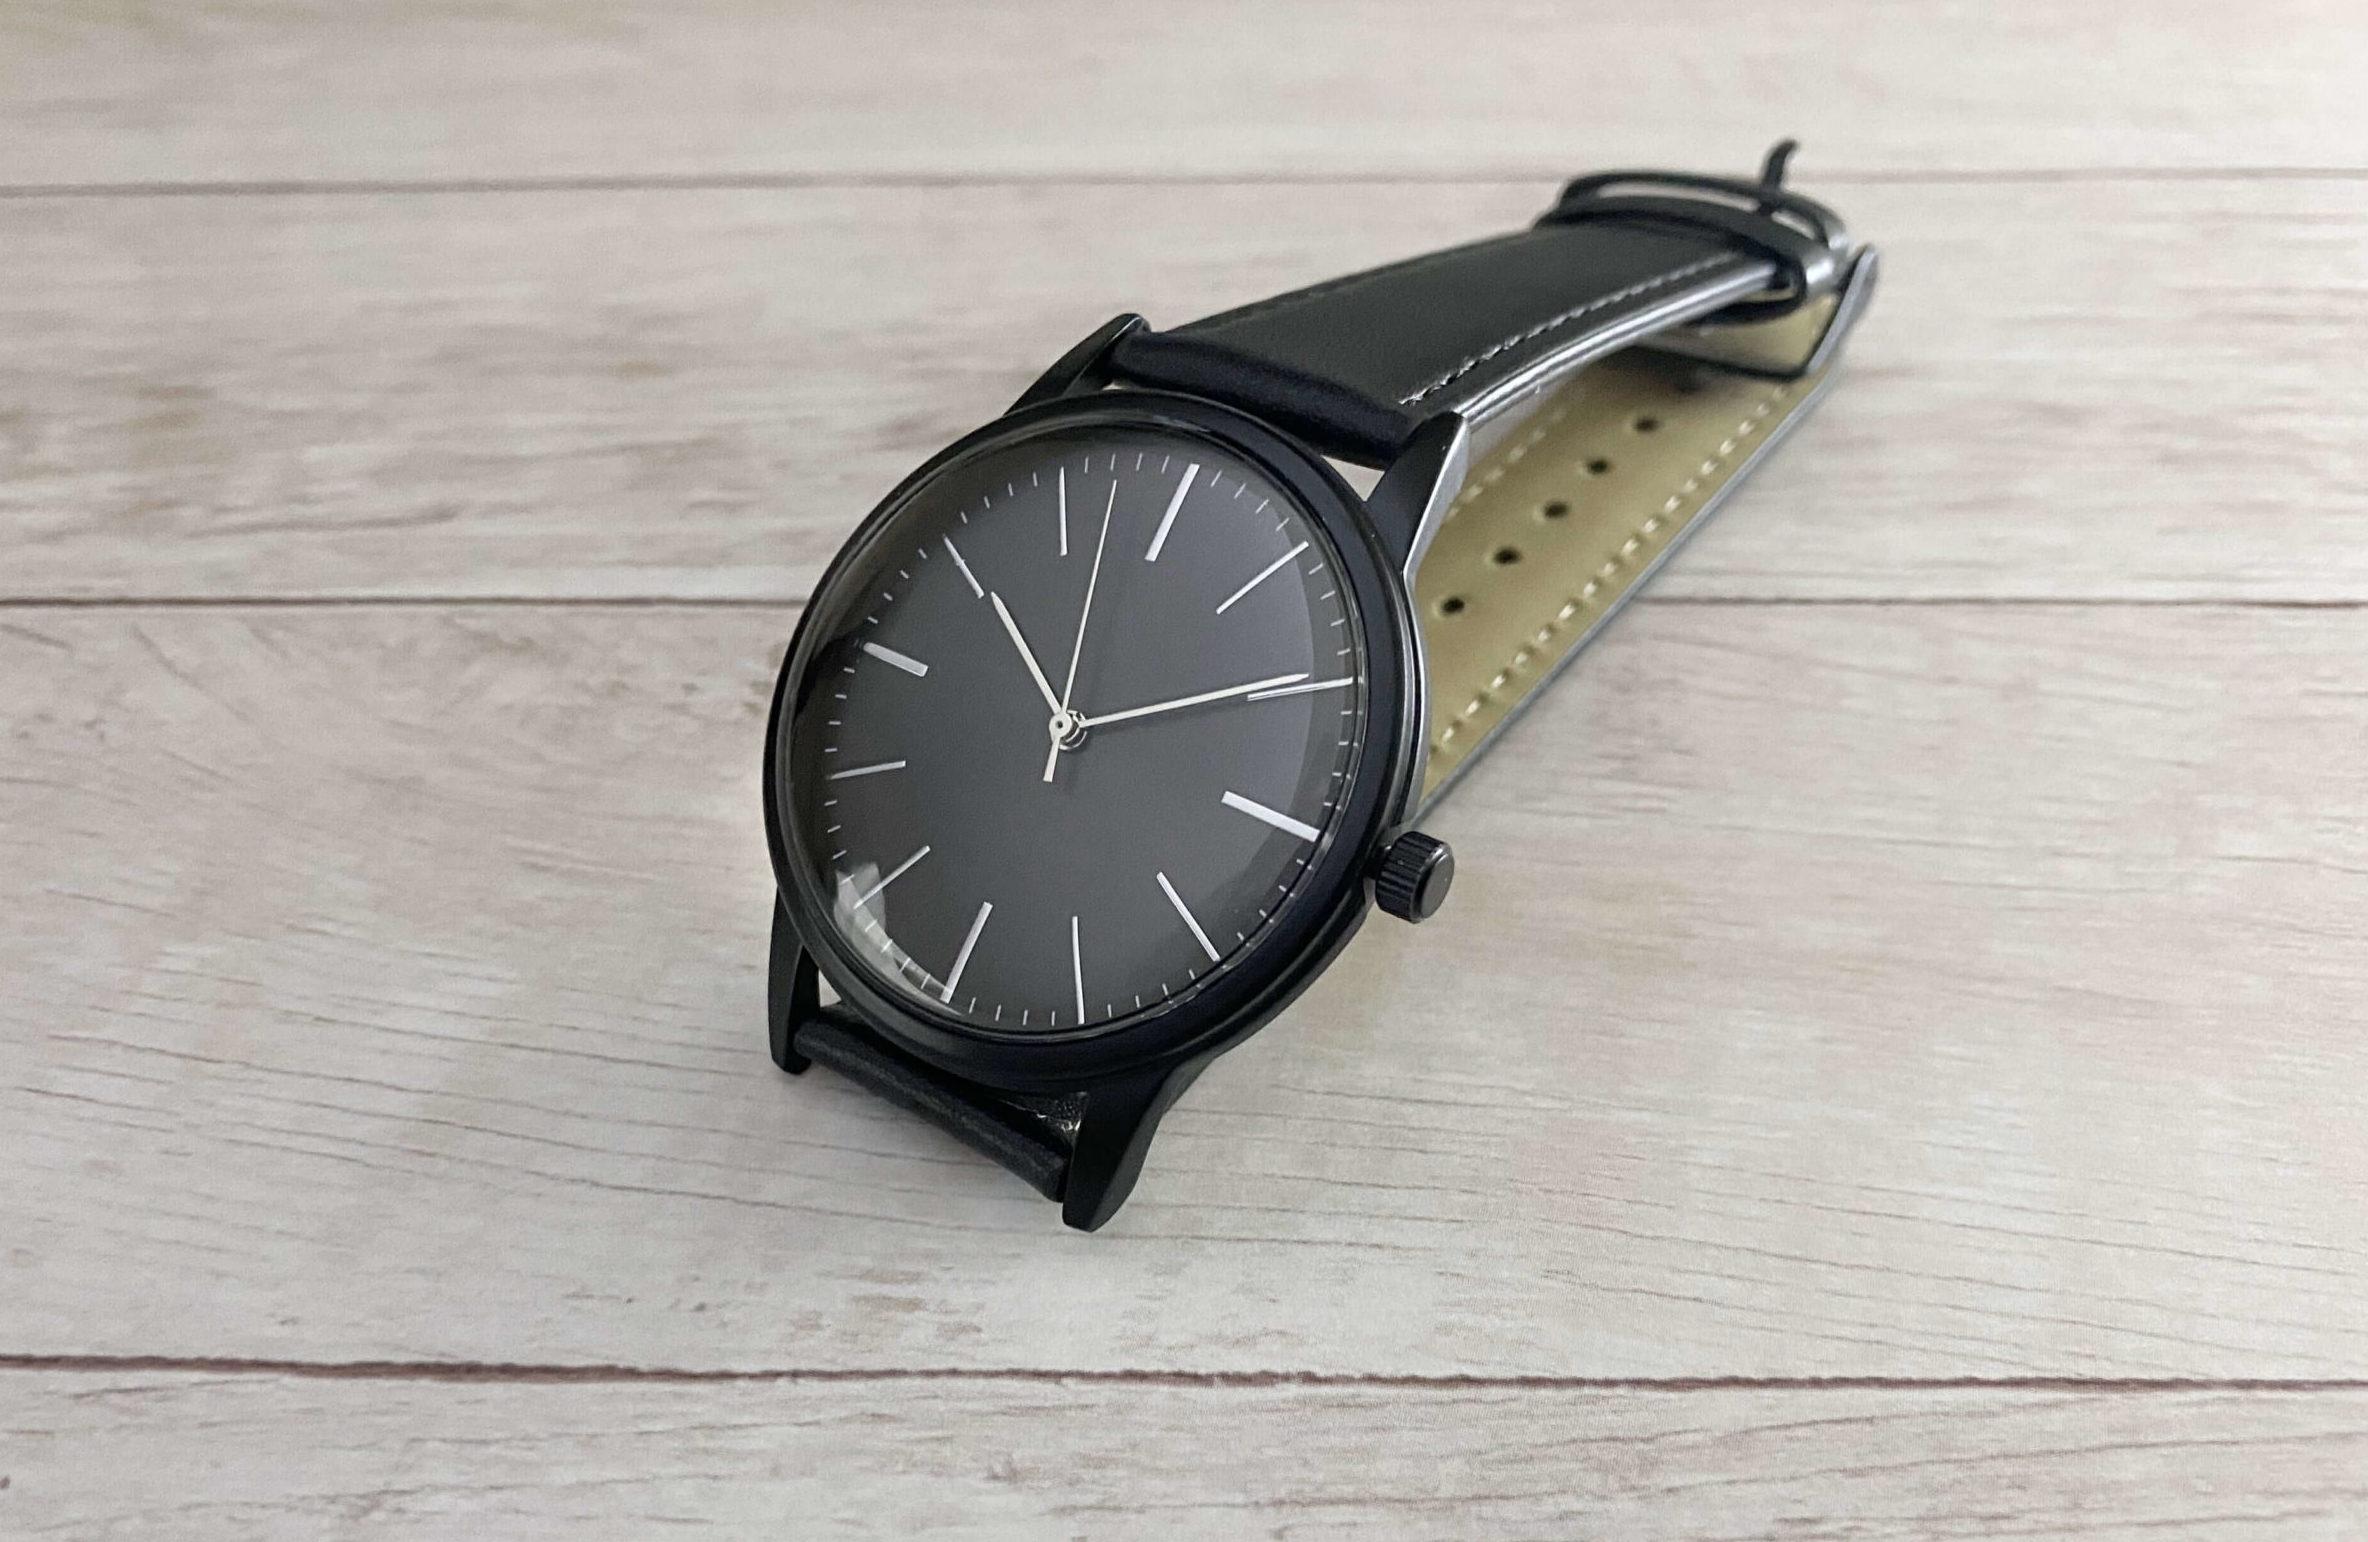 ダイソー500円腕時計のサイド